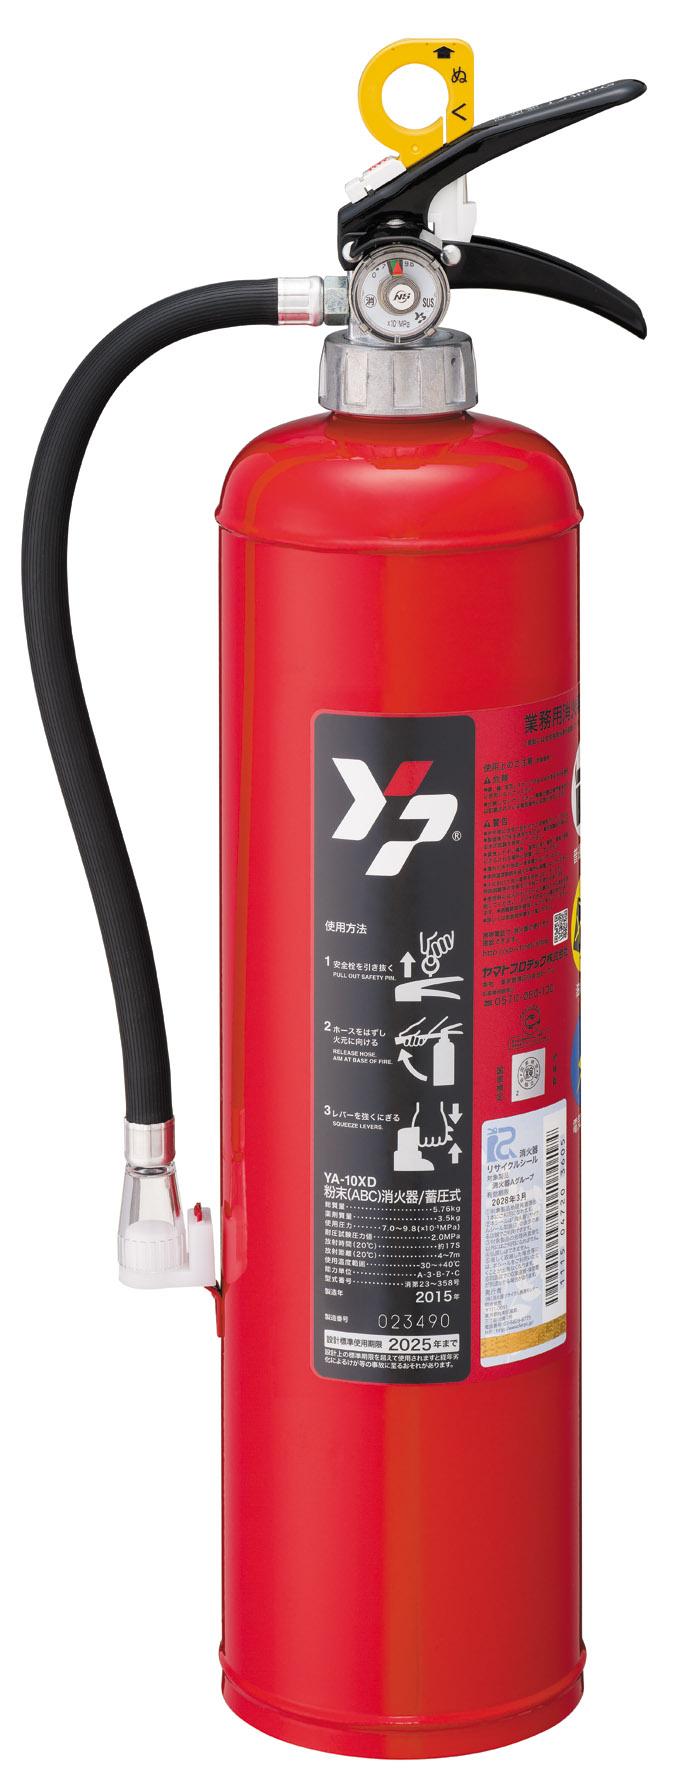 粉末(ABC)蓄圧式消火器 YA-10XD